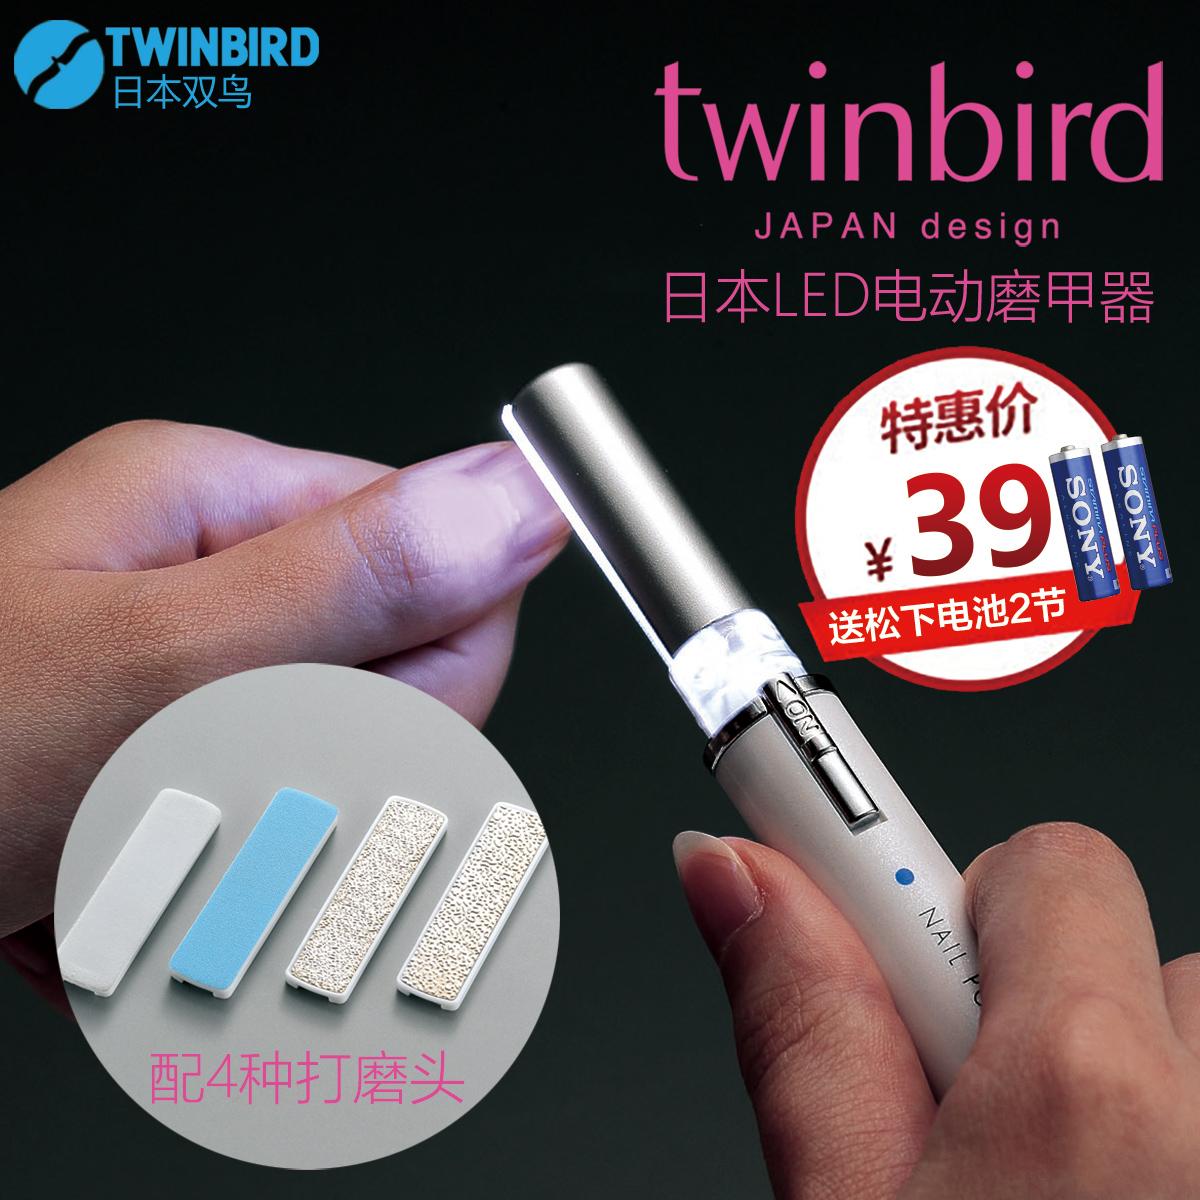 TWINBIRD/双鸟电动美甲器LED灯美甲仪机打磨器家用自动抛光修甲器